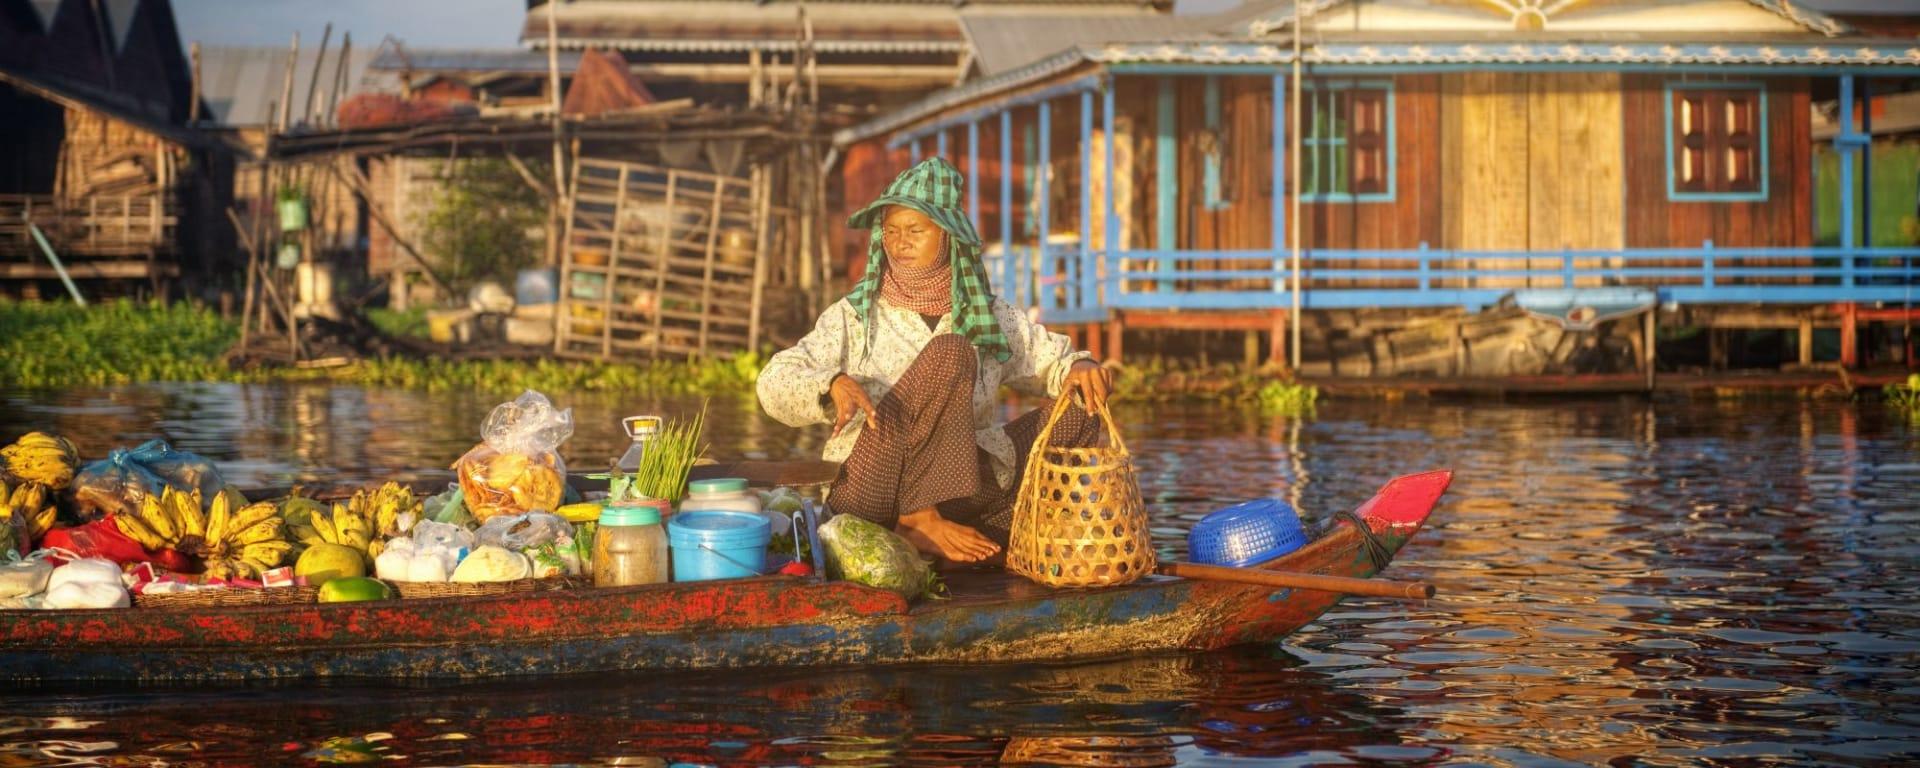 Les hauts lieux du Cambodge de Siem Reap: Sunset Tonle Sap